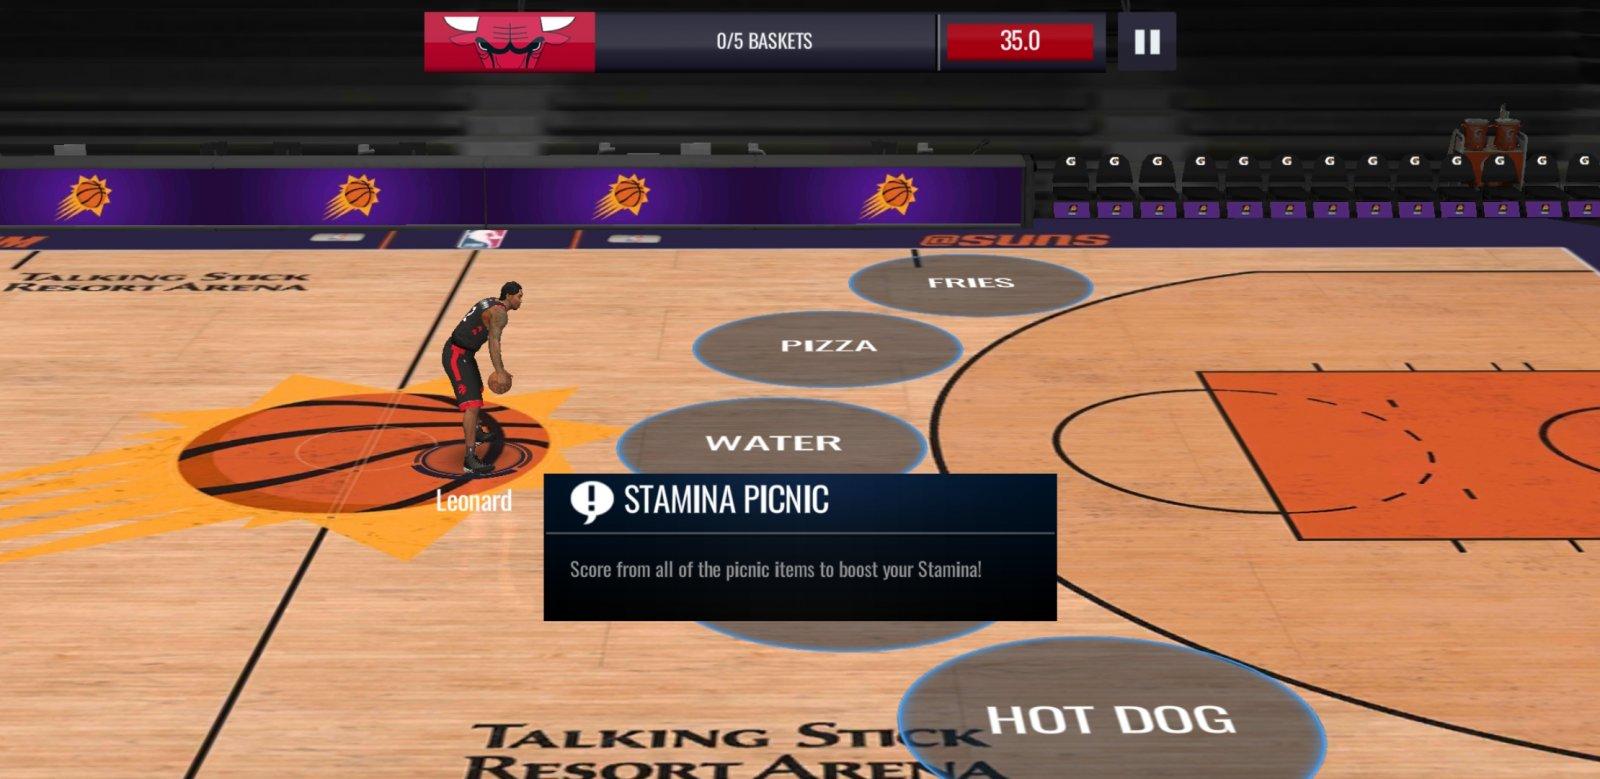 Screenshot_20191120-140533_NBA Live.jpg